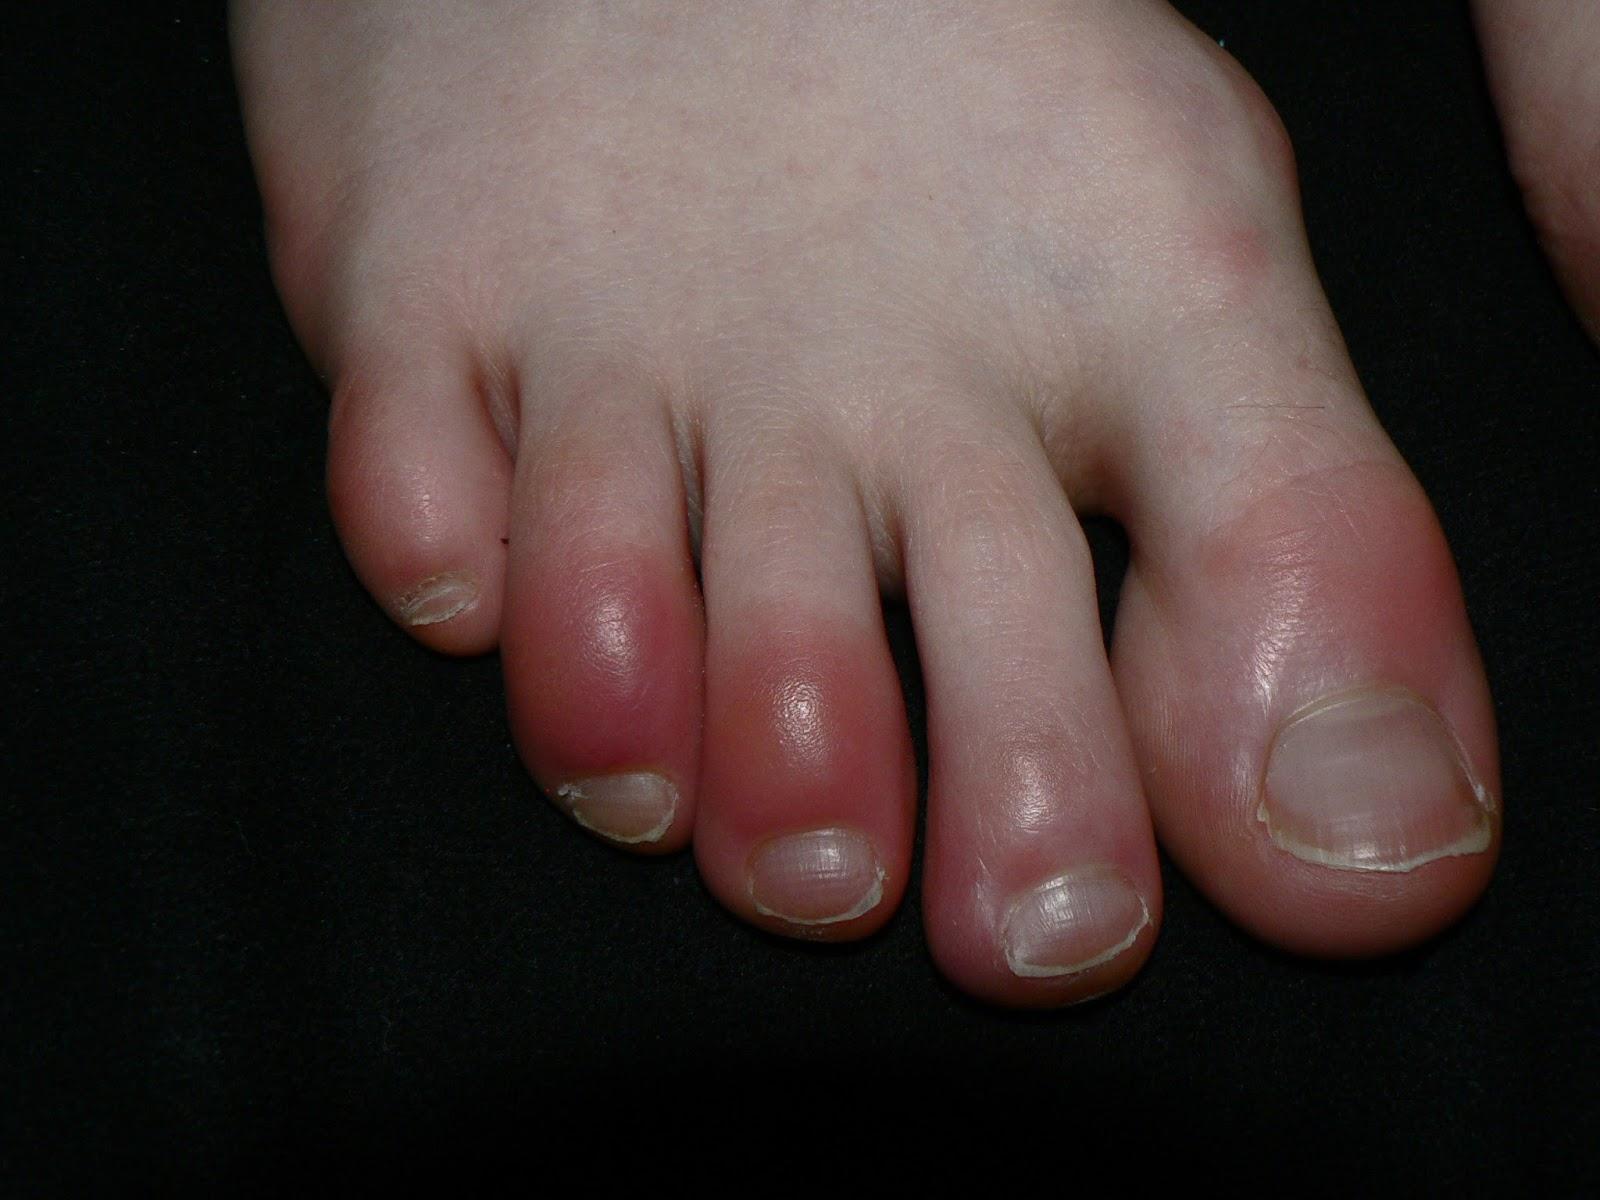 vörös folt a lábán a lábujjak közelében)